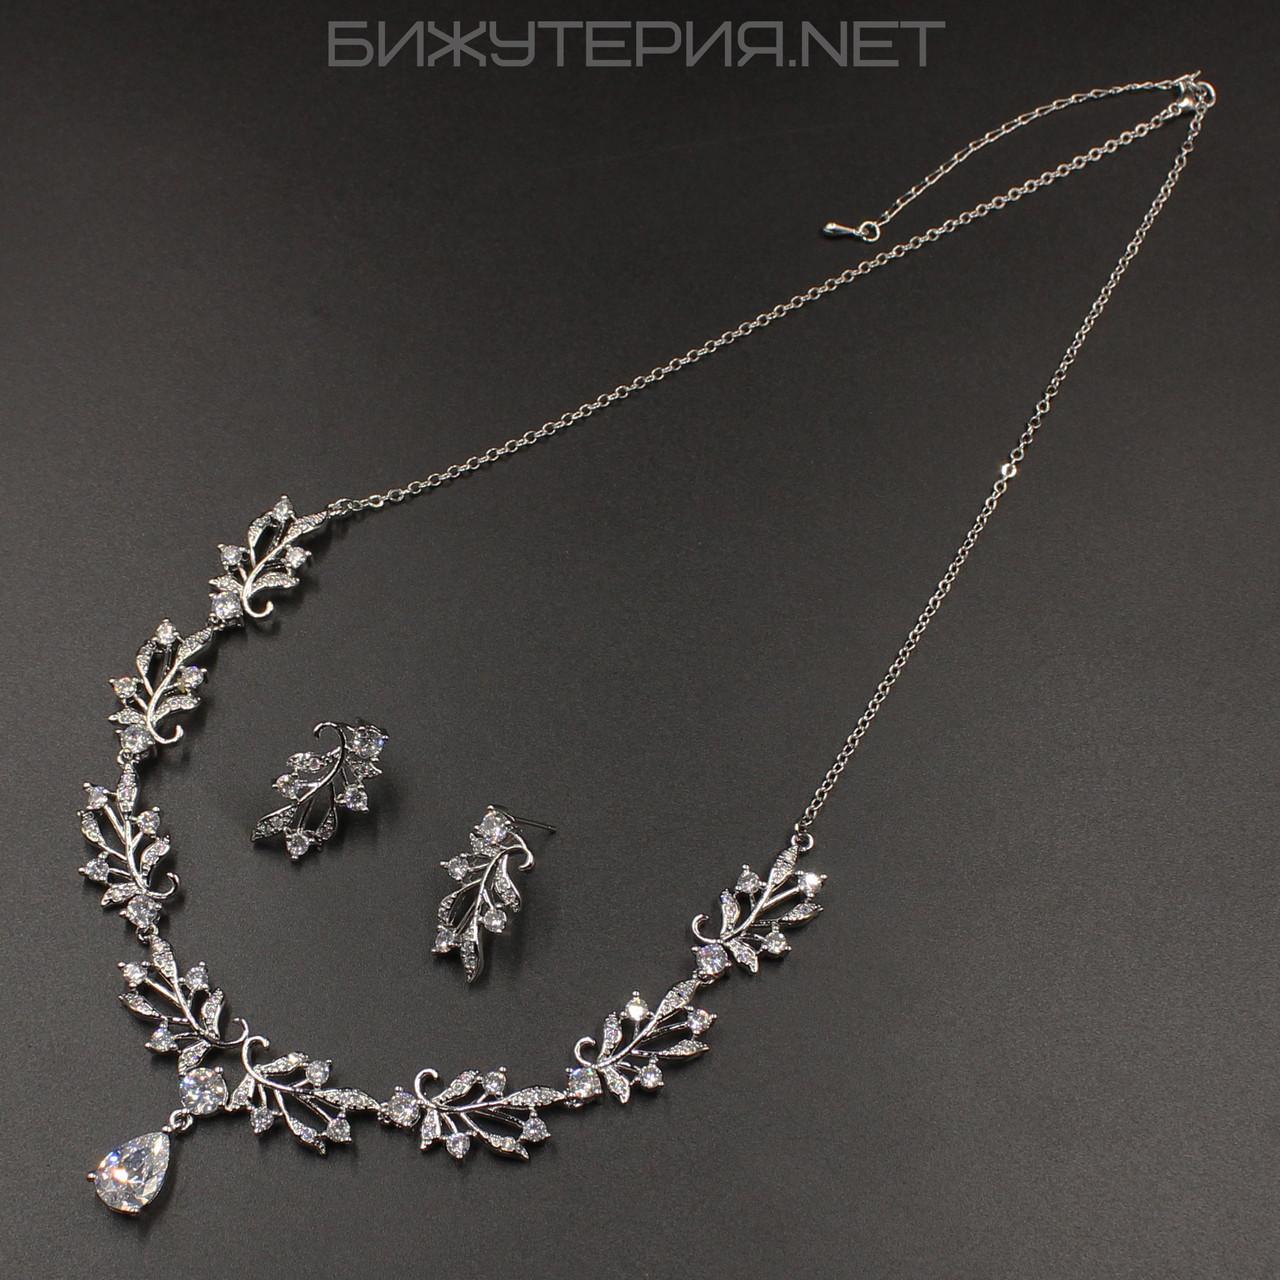 Комплект бижутерии JB Очаровательное Колье и Серьги декорирован кристаллами - 1054211088